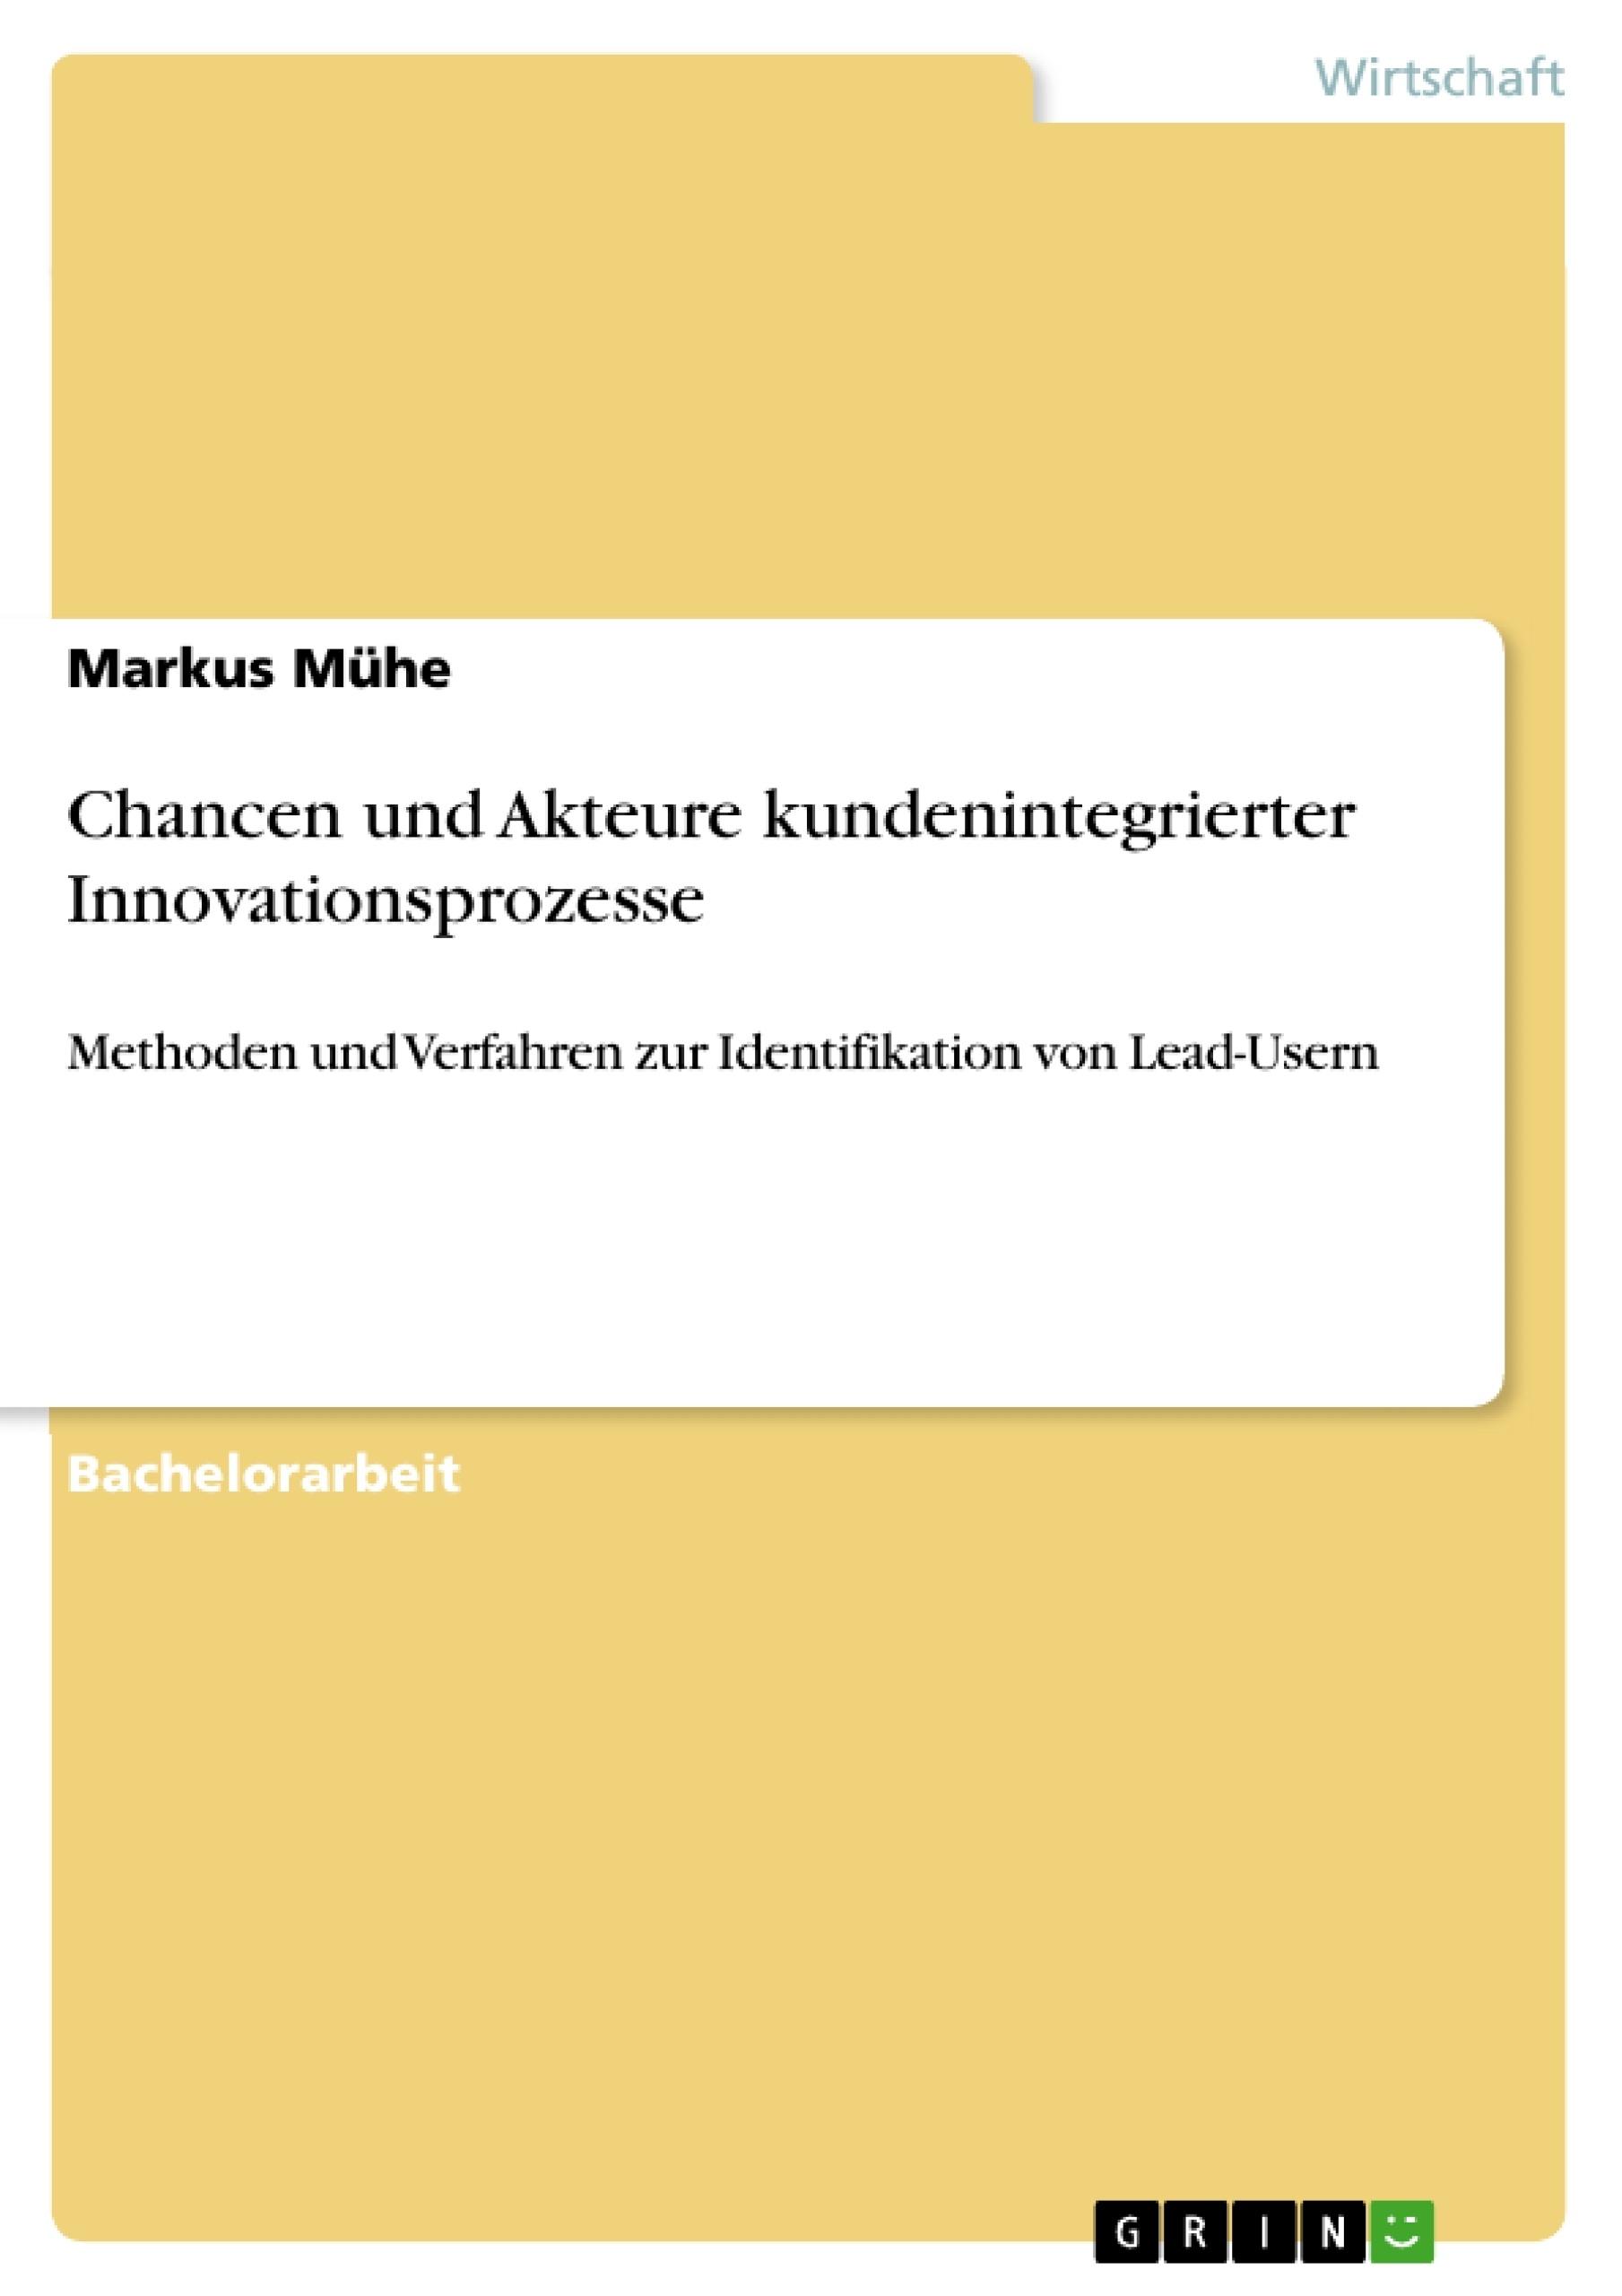 Titel: Chancen und Akteure kundenintegrierter Innovationsprozesse